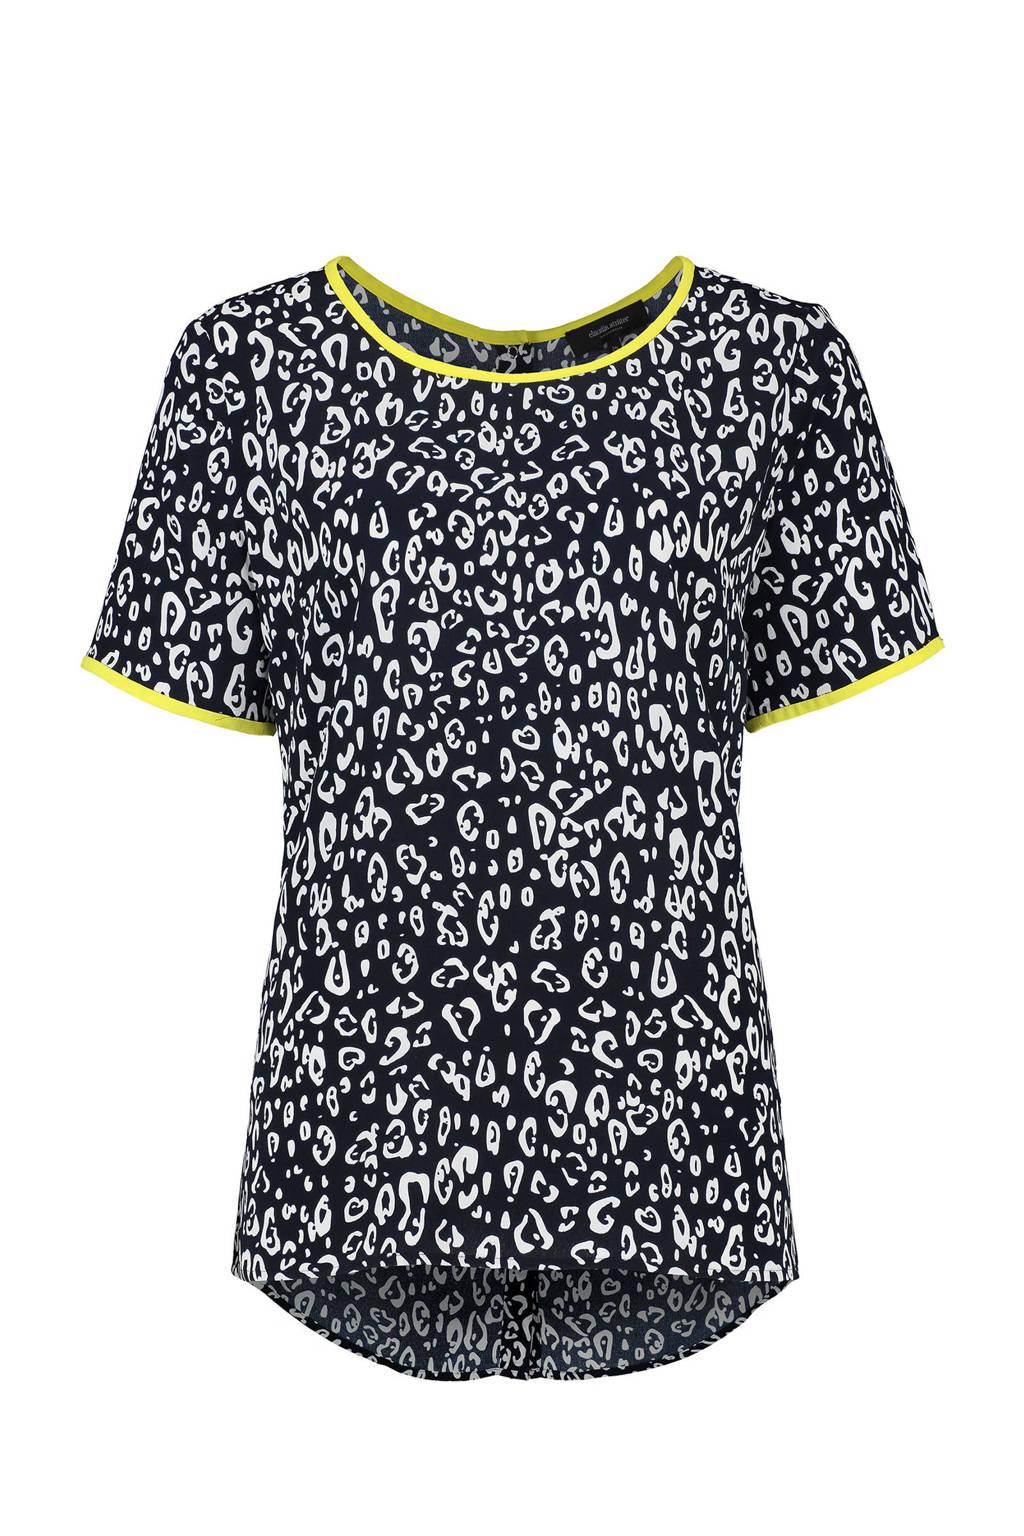 Claudia Sträter T-shirt met panterprint blauw, Blauw/wit/geel